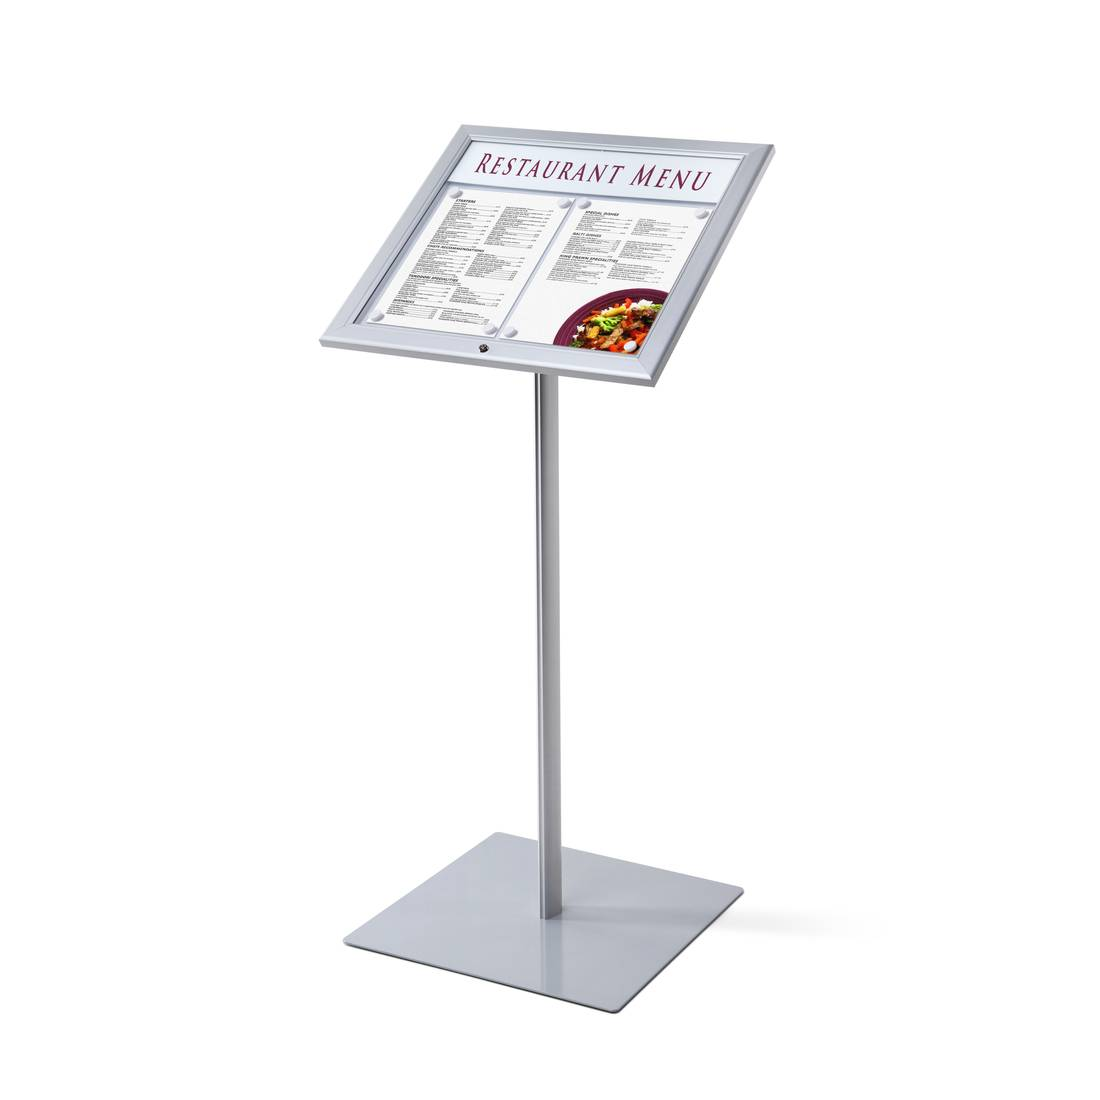 Zewnętrzny stojak na menu z zamkiem na kluczyk (format 2 x A4)